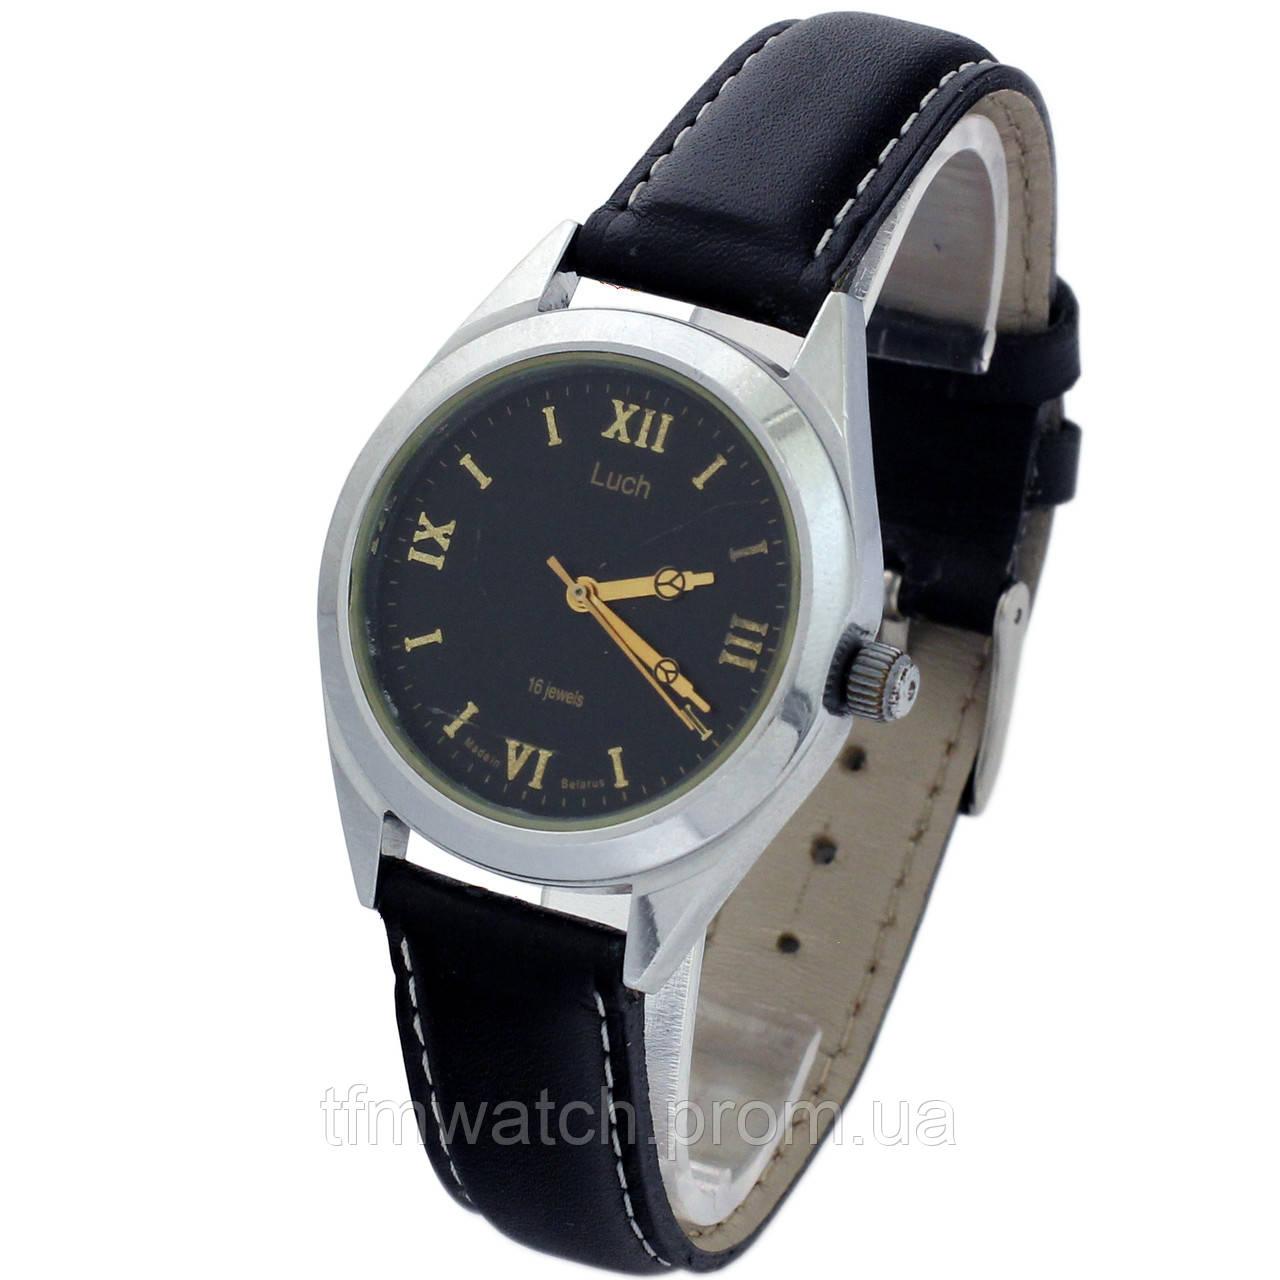 Крупнейший магазин наручных часов в москве куплю механические часы с автоподзаводом